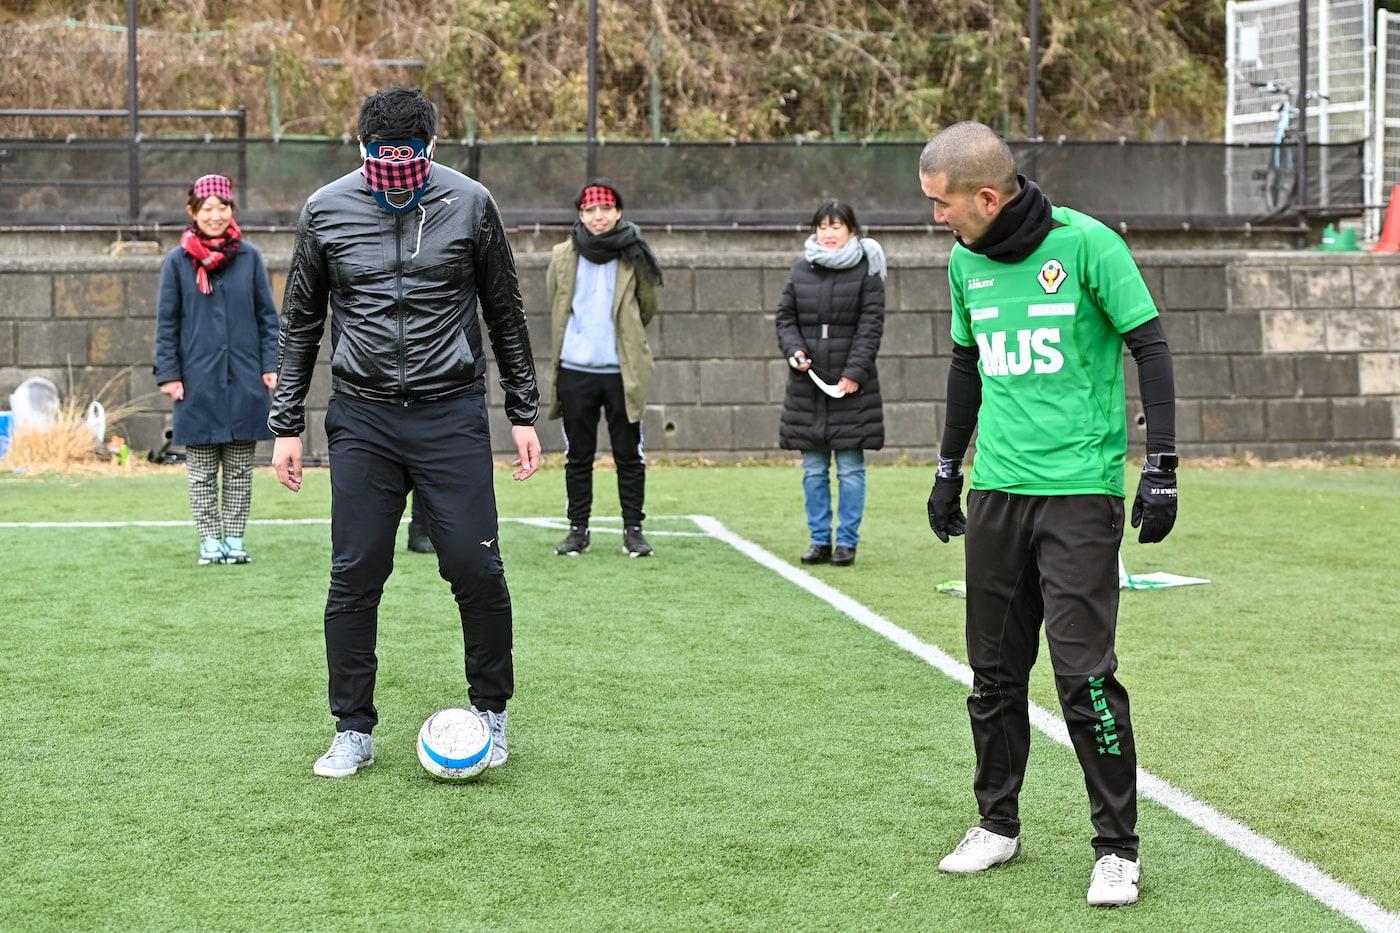 アイマスクをしてボールを蹴るDOマン